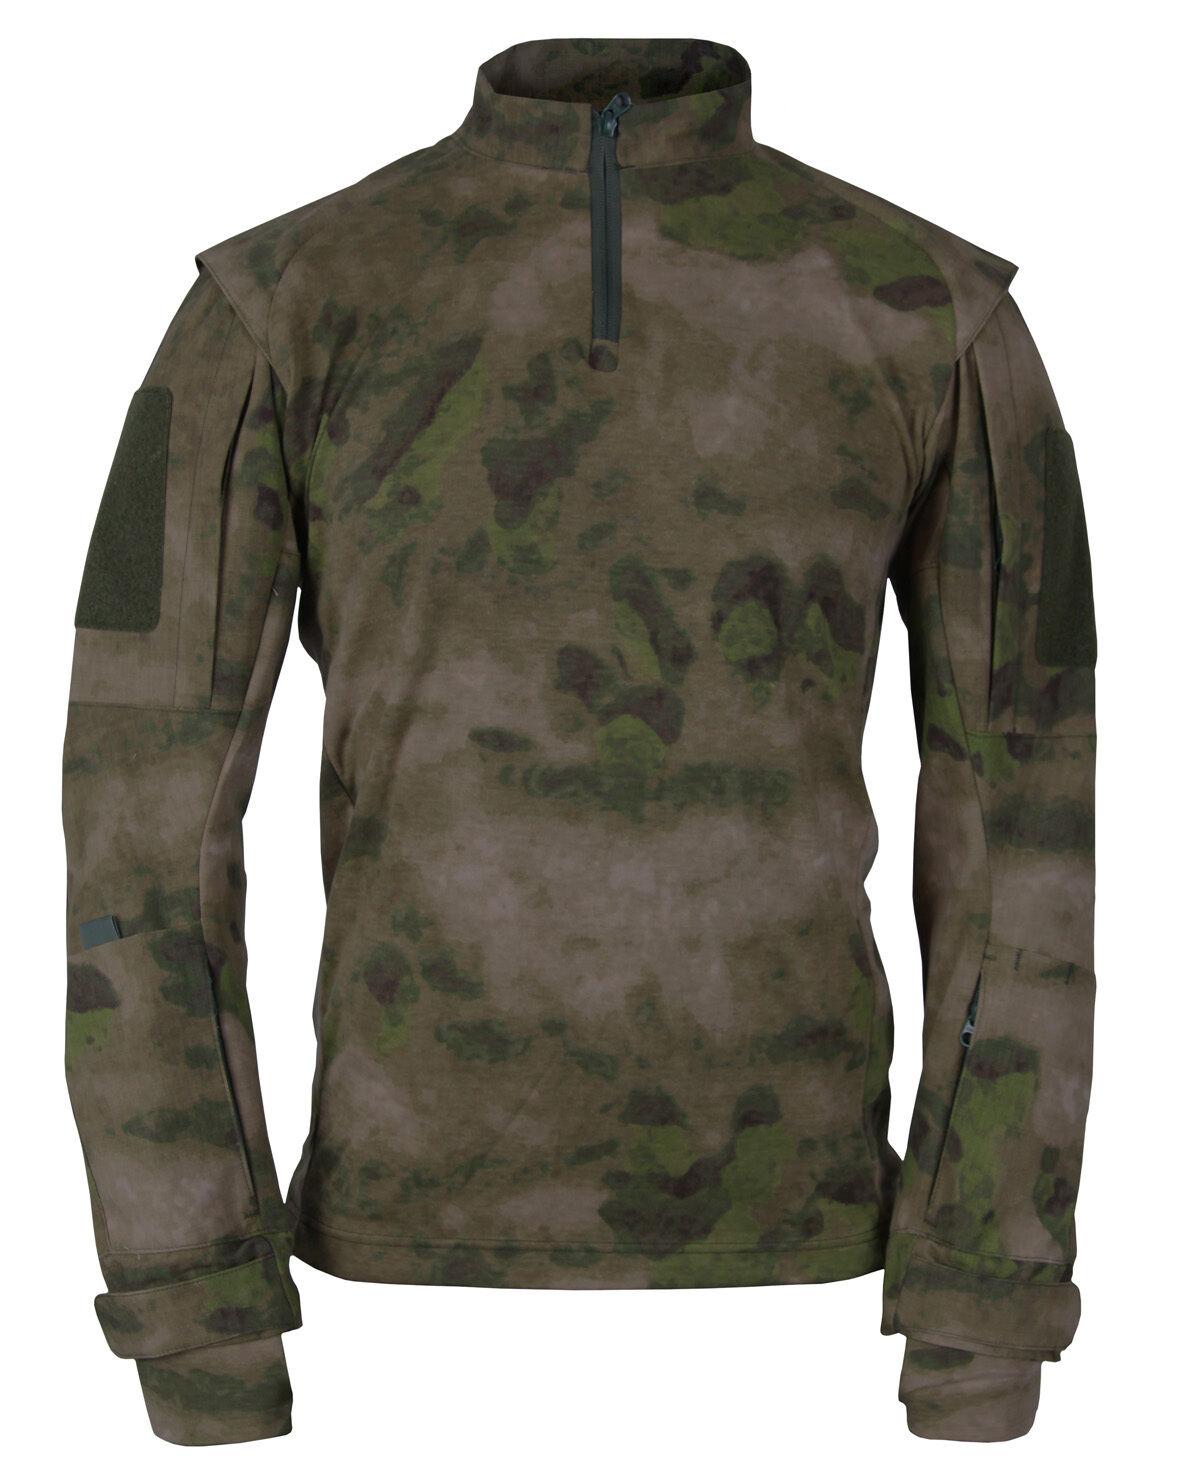 A-TACS FG Camo TAC.U Combat Uniform Shirt by PROPPER F5417 - FREE SHIPPING